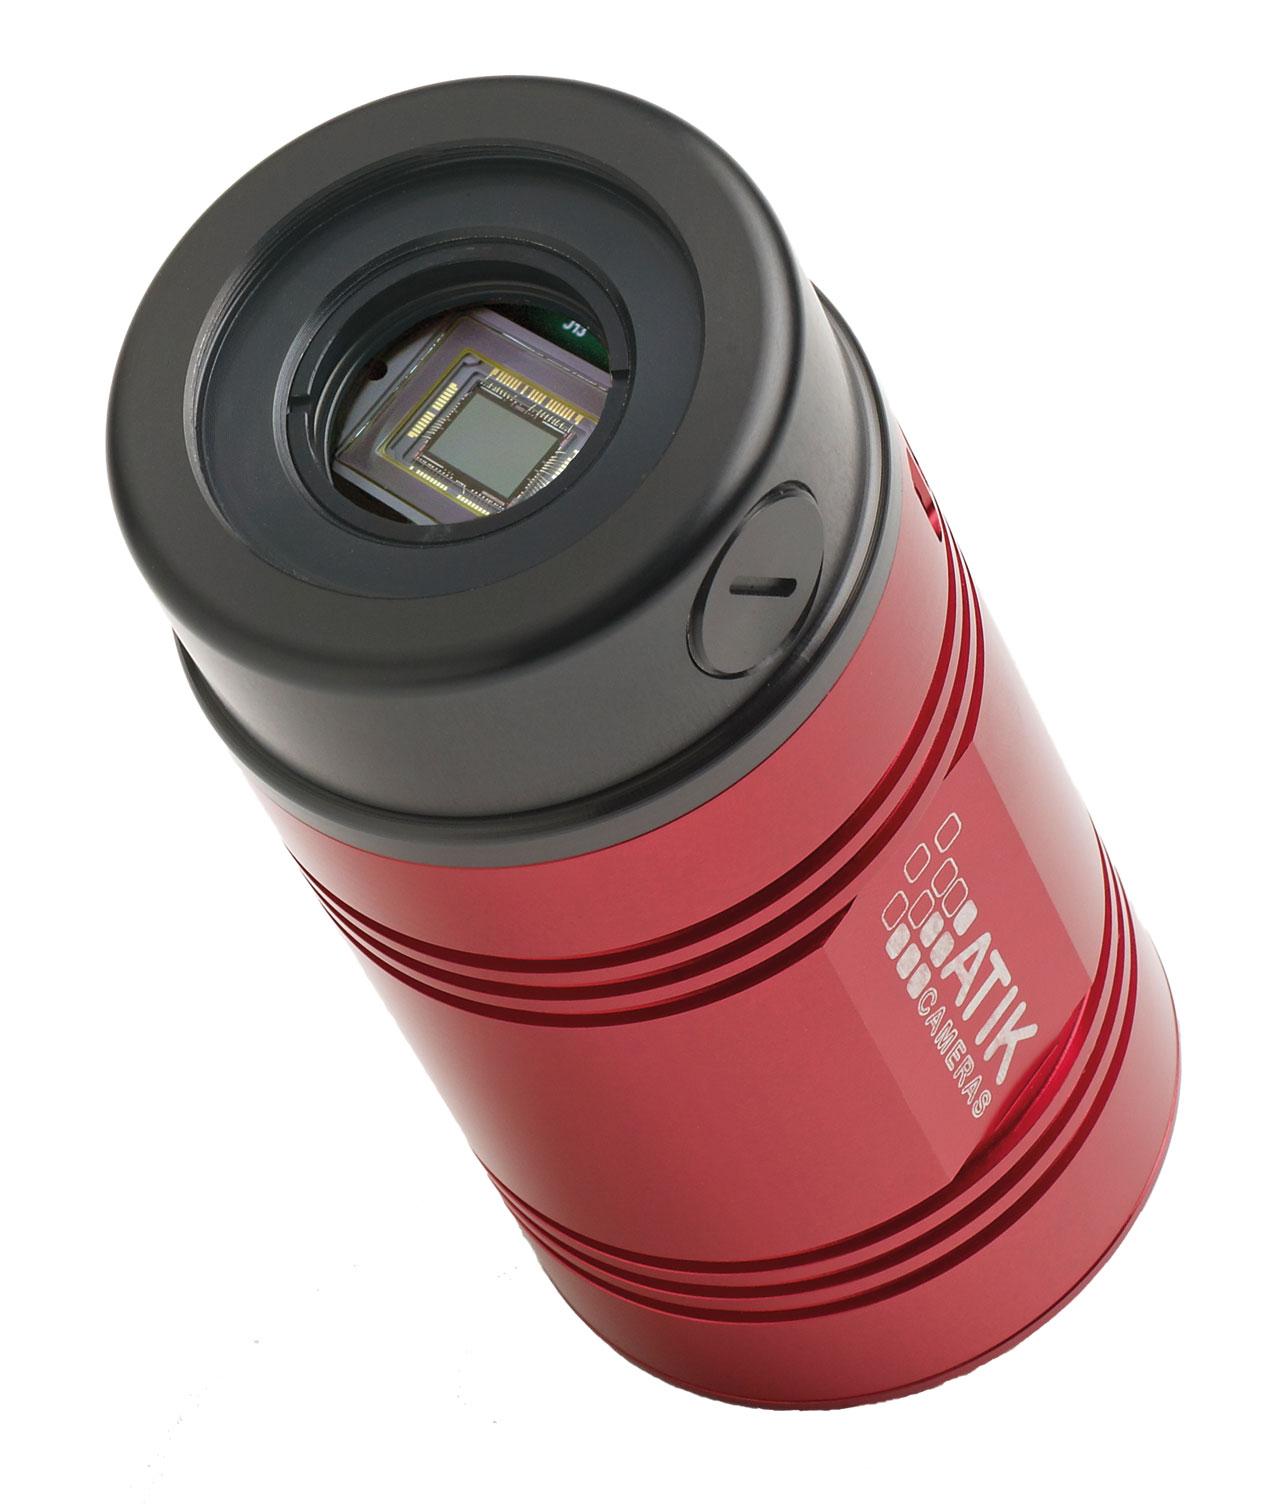 Die neue Atik 428EX basiert auf dem Sony ICX674 Chip mit 2,8 Megapixeln.